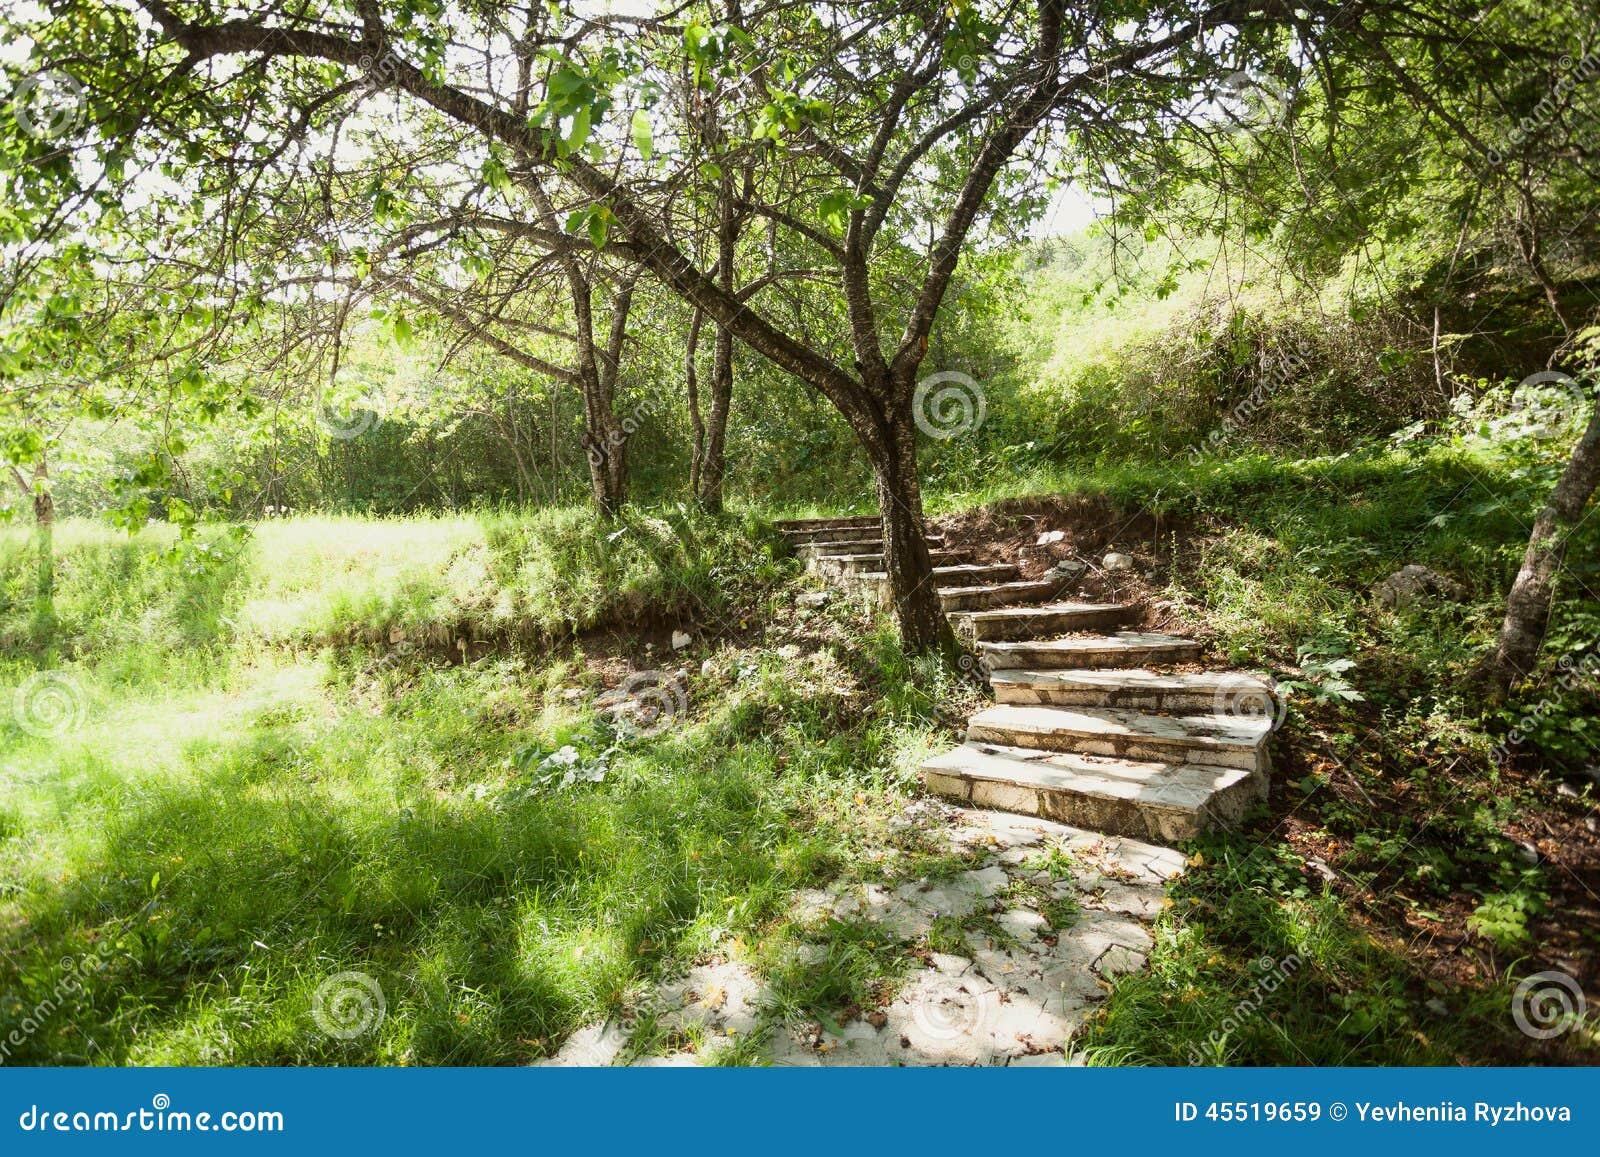 Schöner Garten Mit Bäumen Und Steinweg